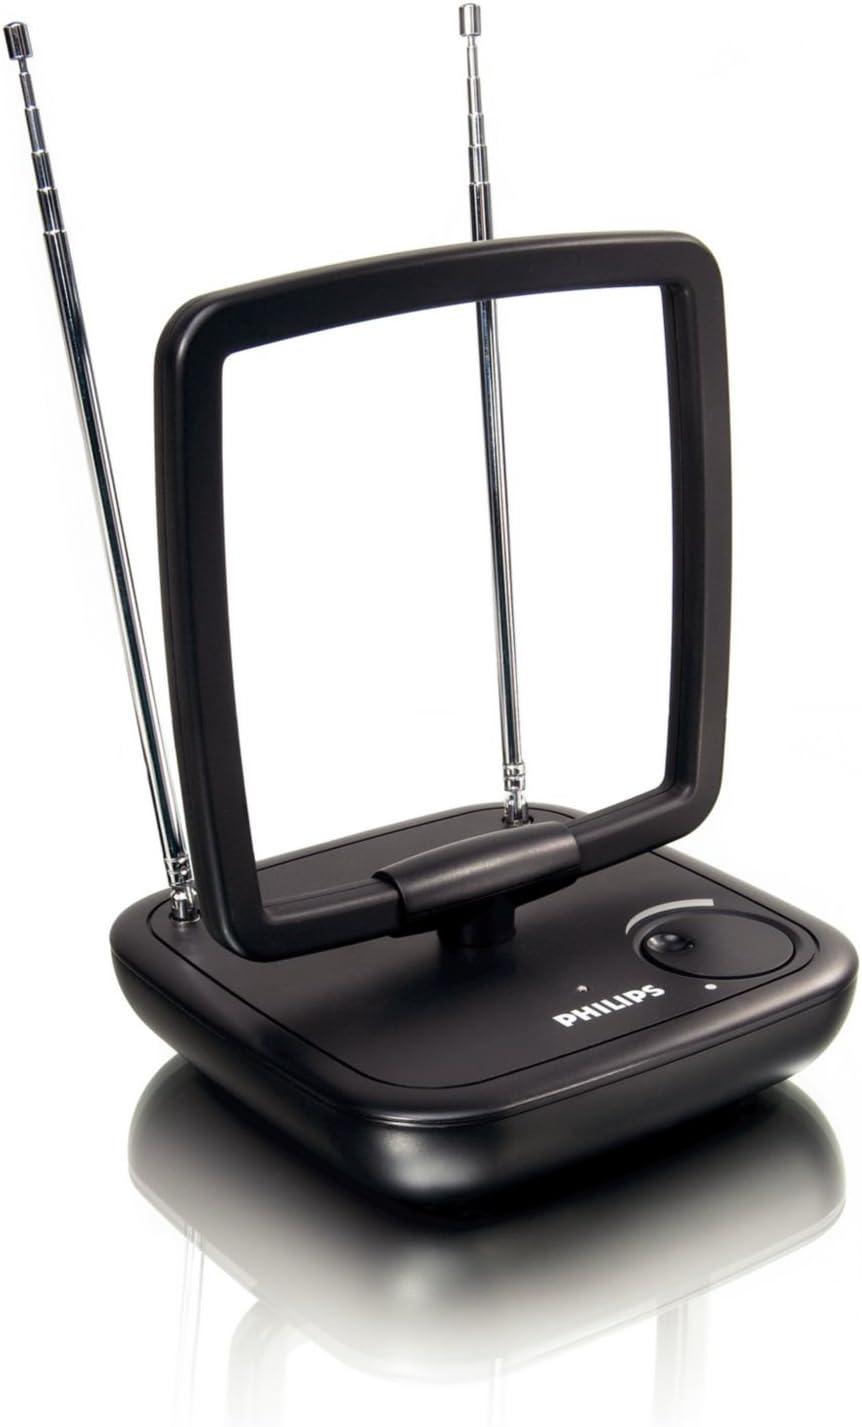 Philips SDV5120/12 - Antena de TV (Obstrucción 75 Ohmio), negro